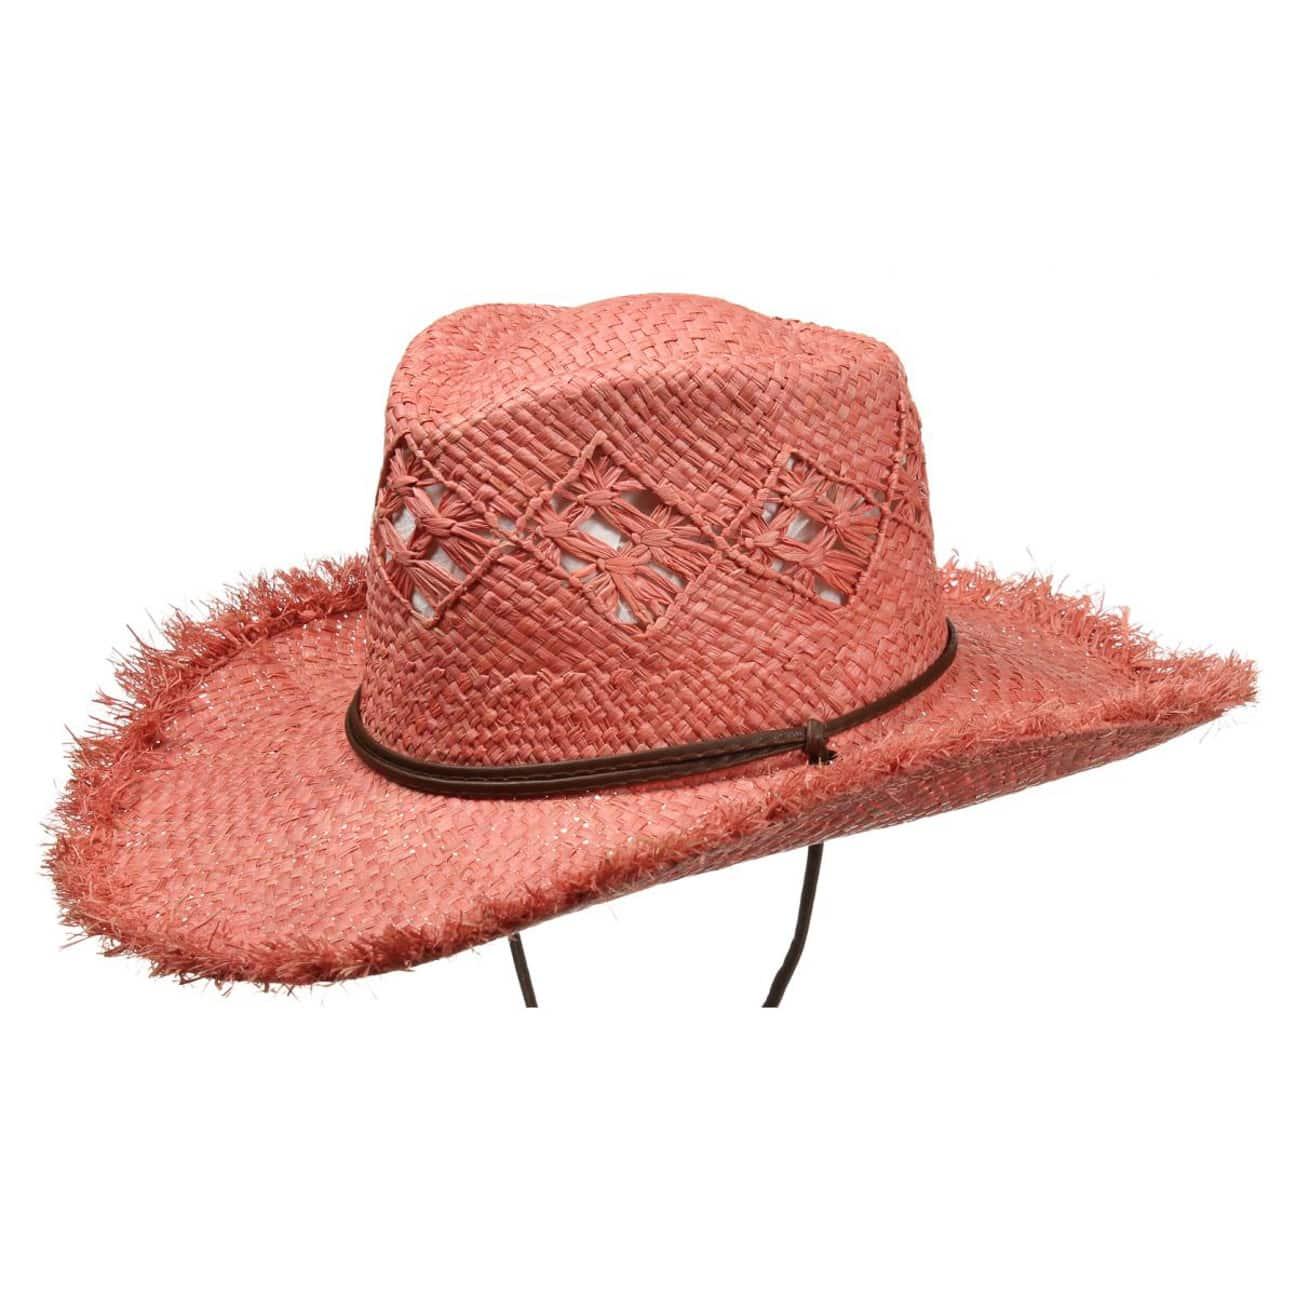 b7edff564c819 ... Masha Cowgirl Straw Hat by Seeberger - pink 1 ...